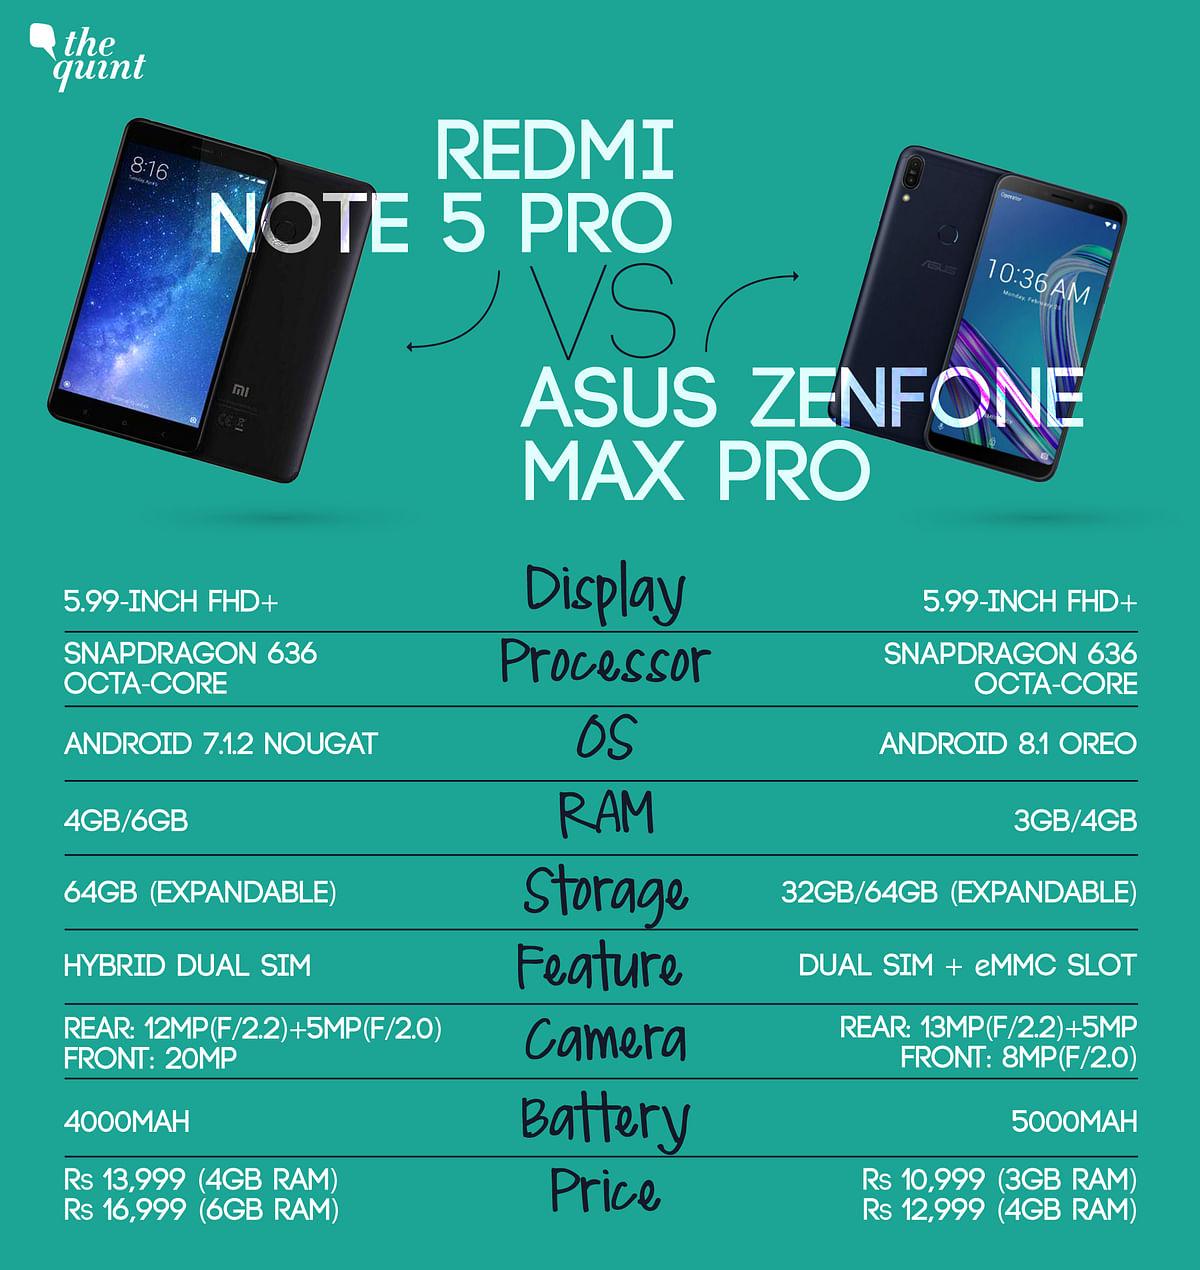 A specs-to-specs comparison between Xiaomi Redmi Note 5 Pro & ASUS ZenFone Max Pro